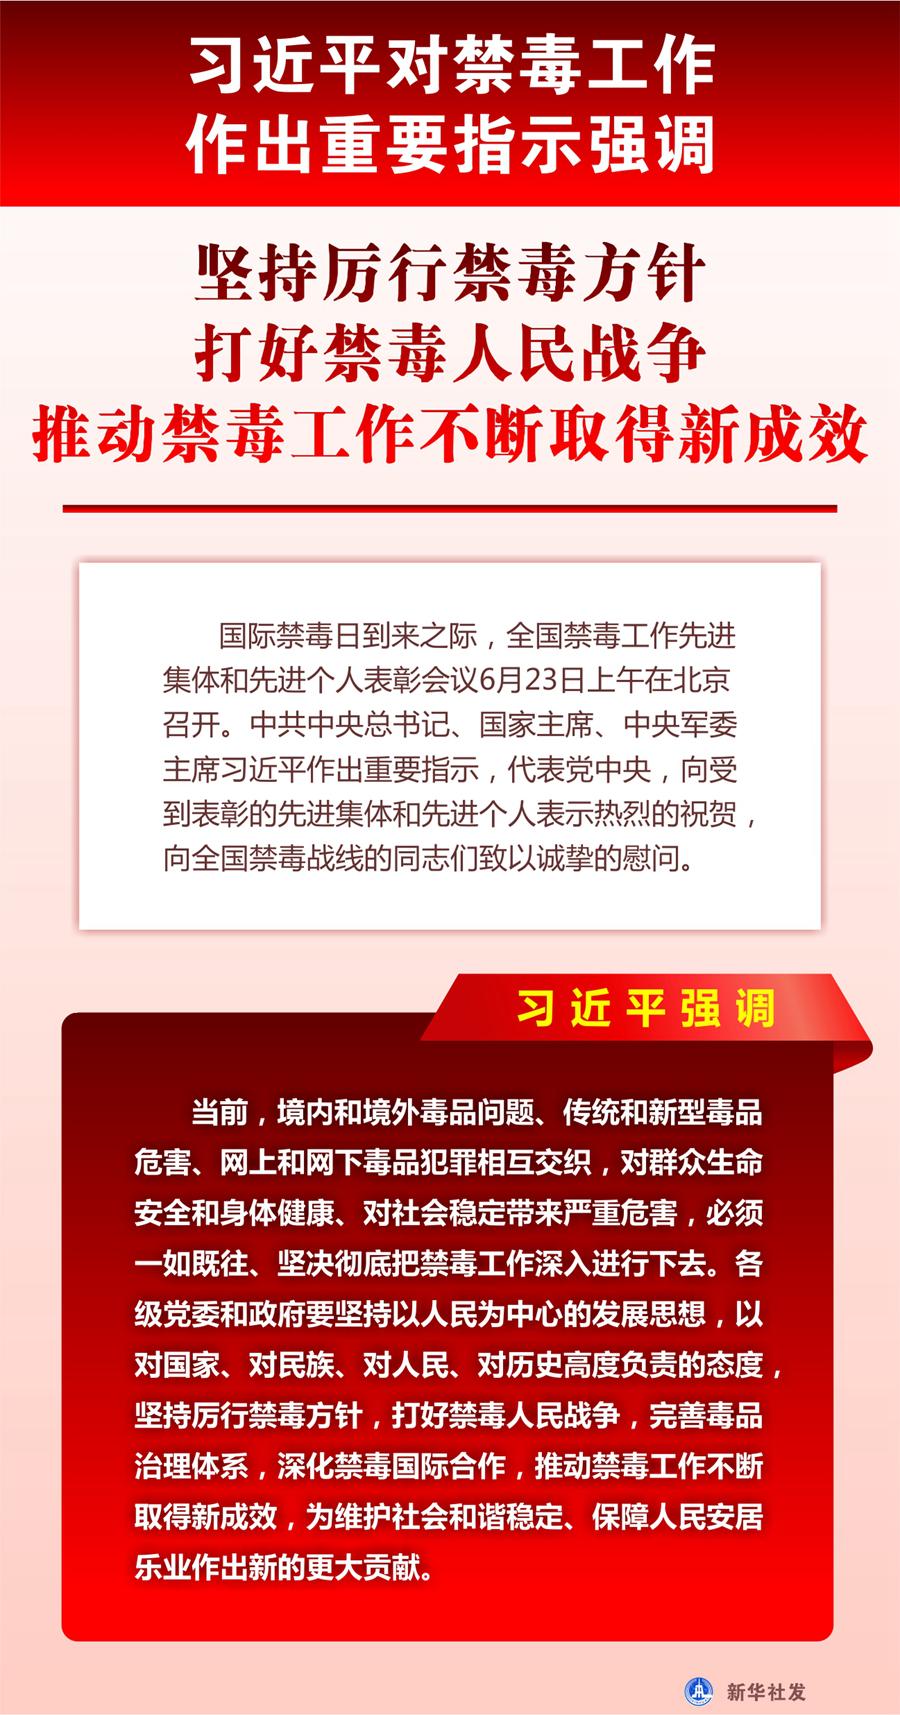 习近平对禁毒工作作出重要指示